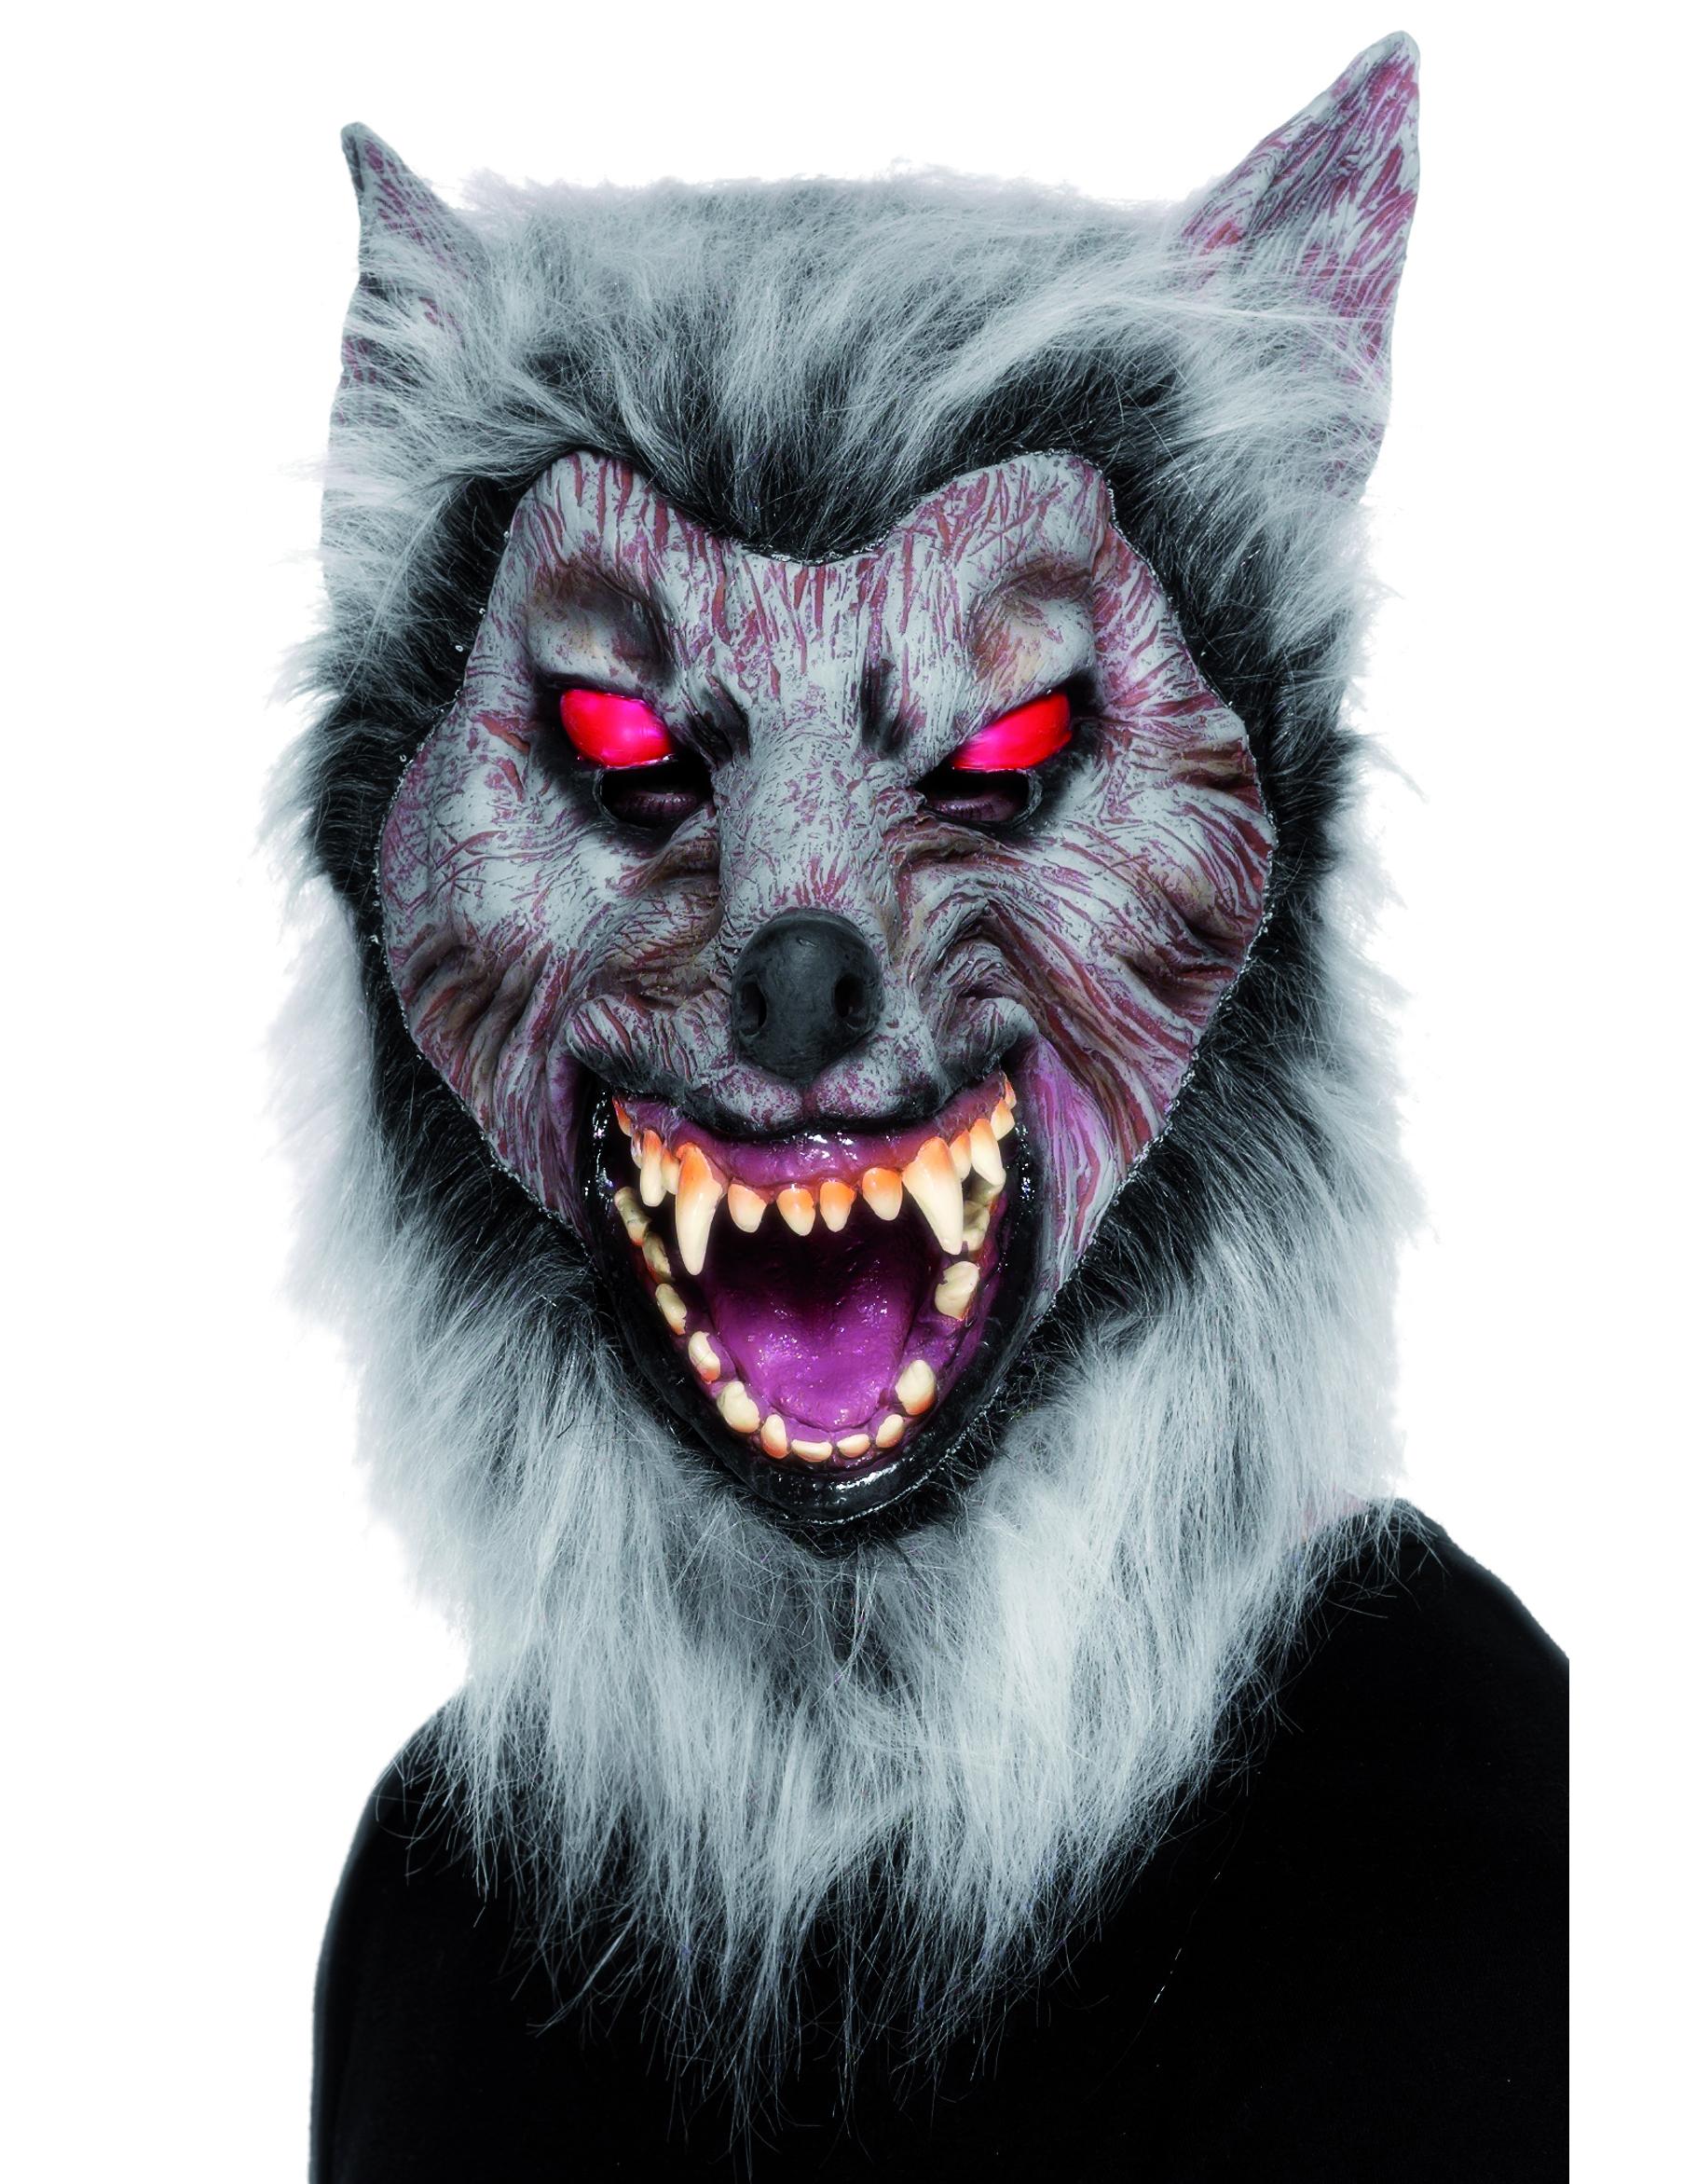 Masque loup garou - Masque de loup a fabriquer ...